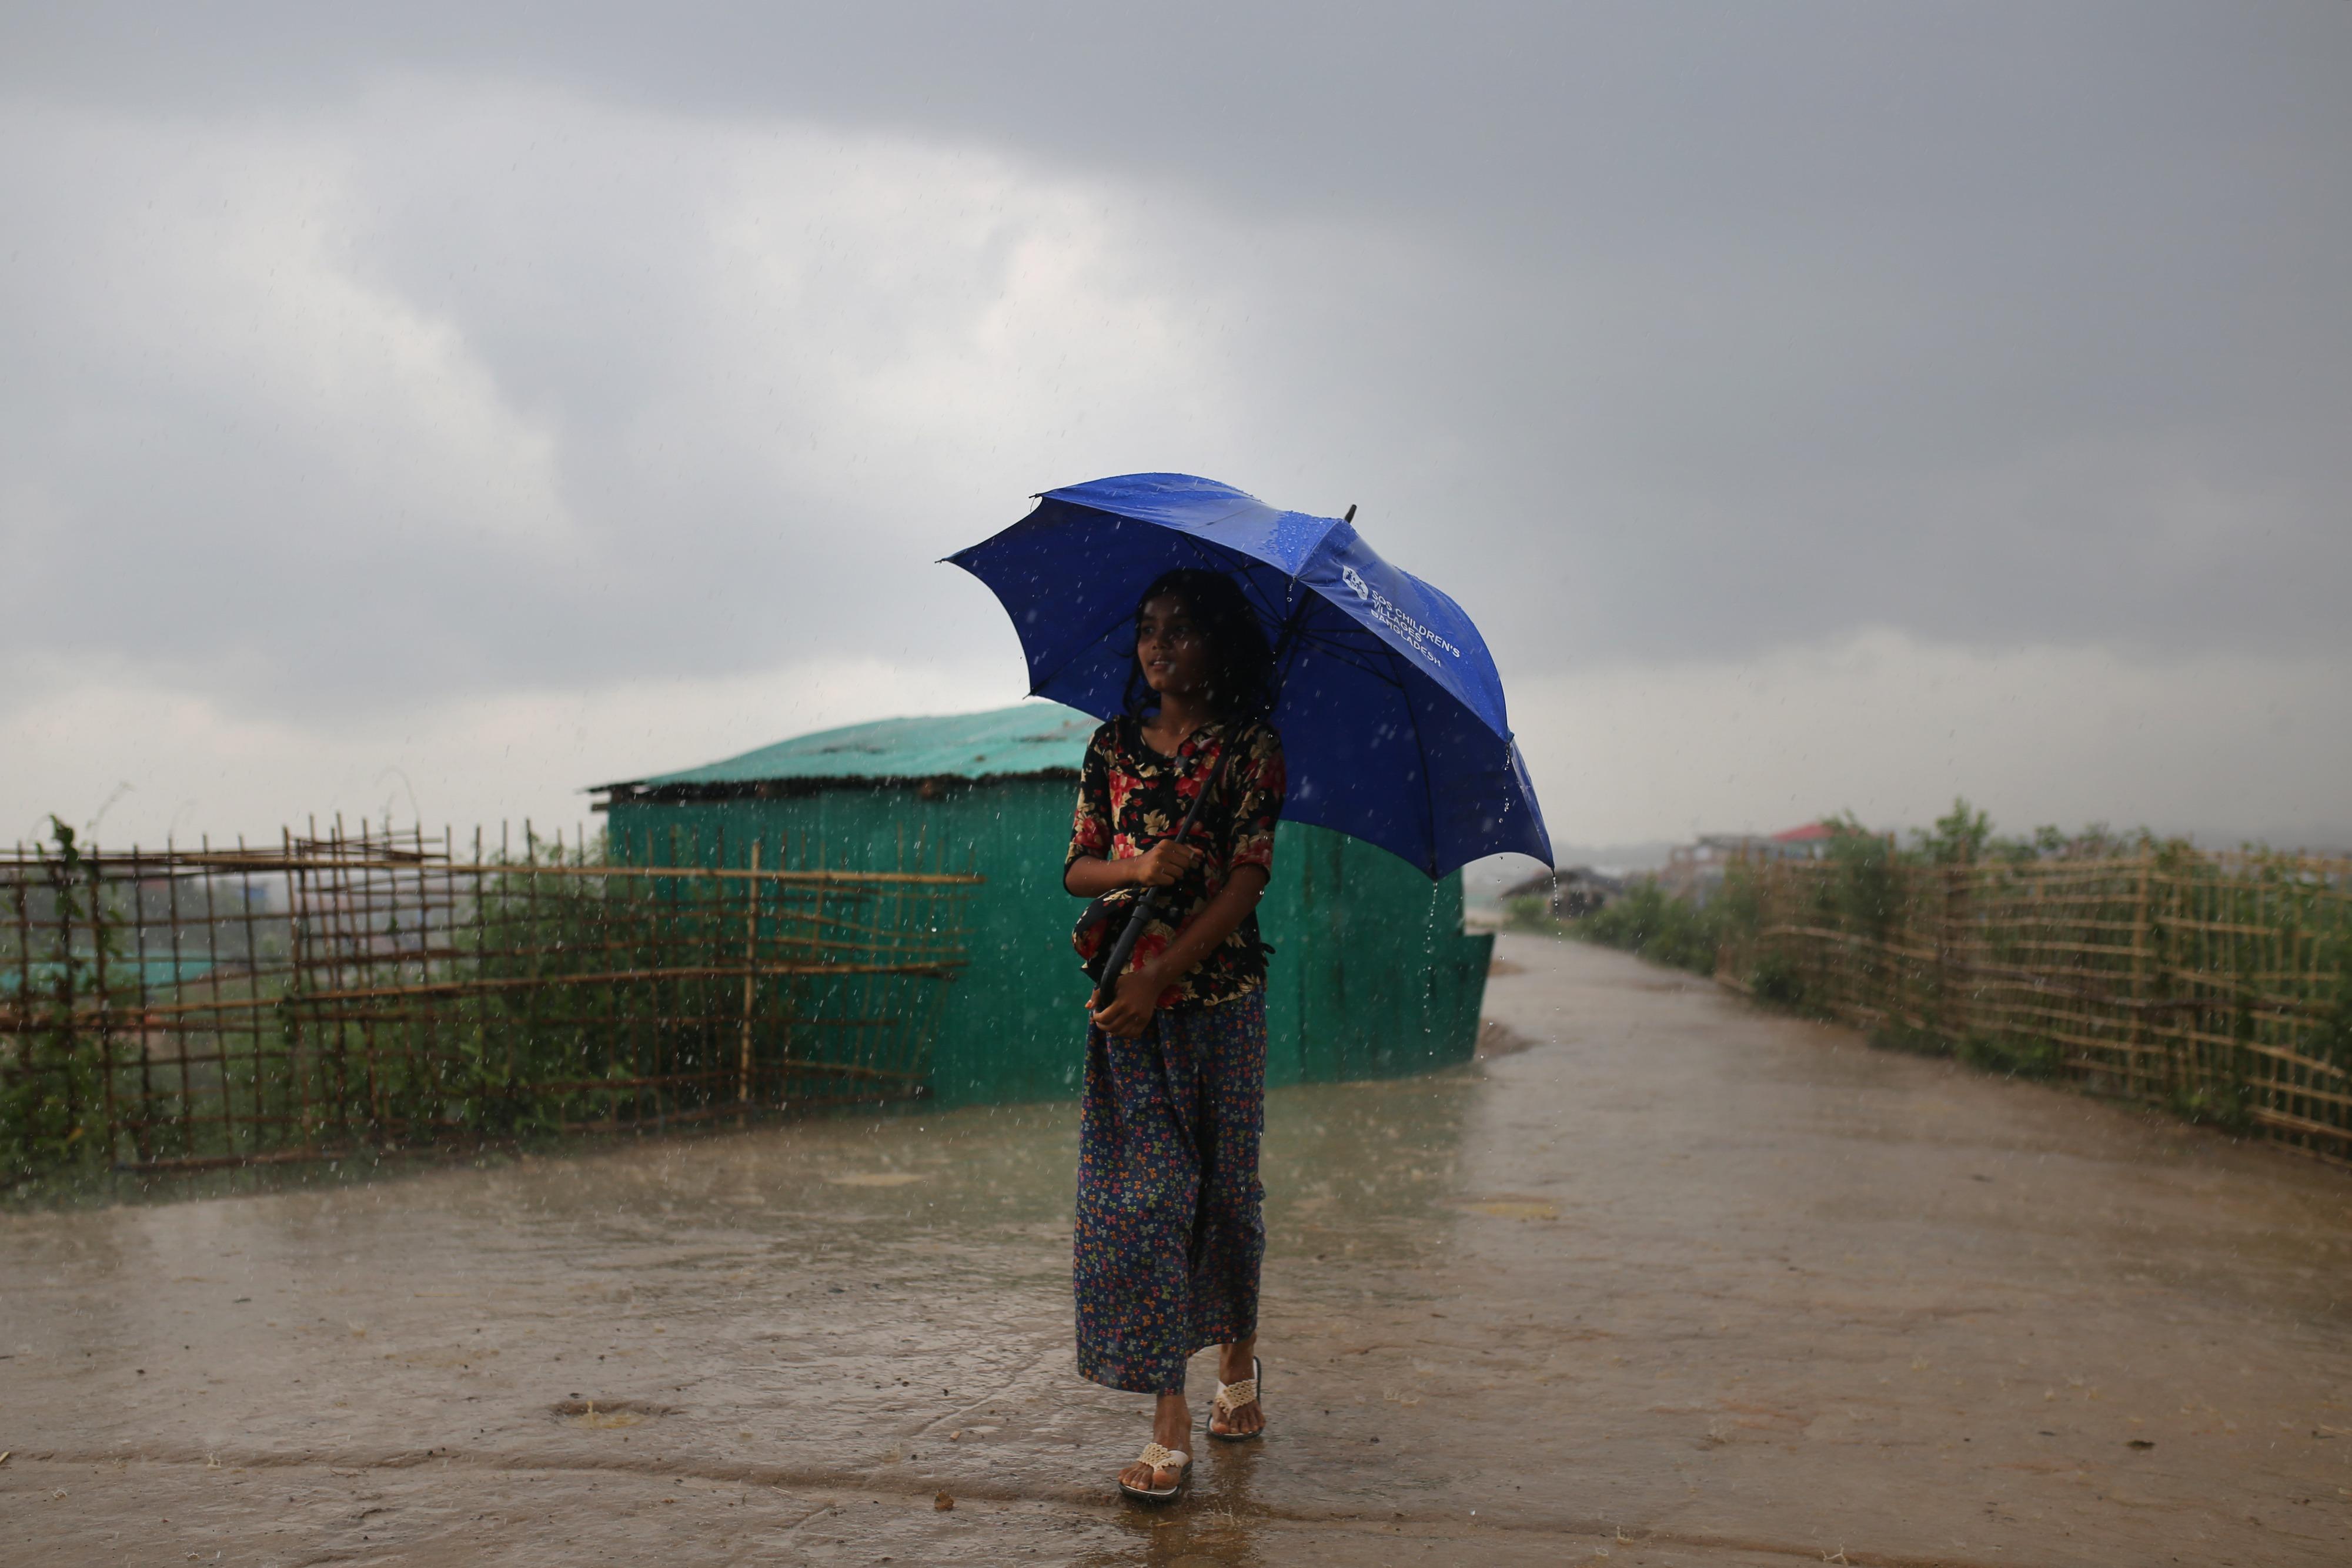 la pioggia incessante nel campo profughi di Rohingya, in Bangladesh. Dopo le inondazioni, l'acqua stagnante provoca una maggiore diffusione della dengue